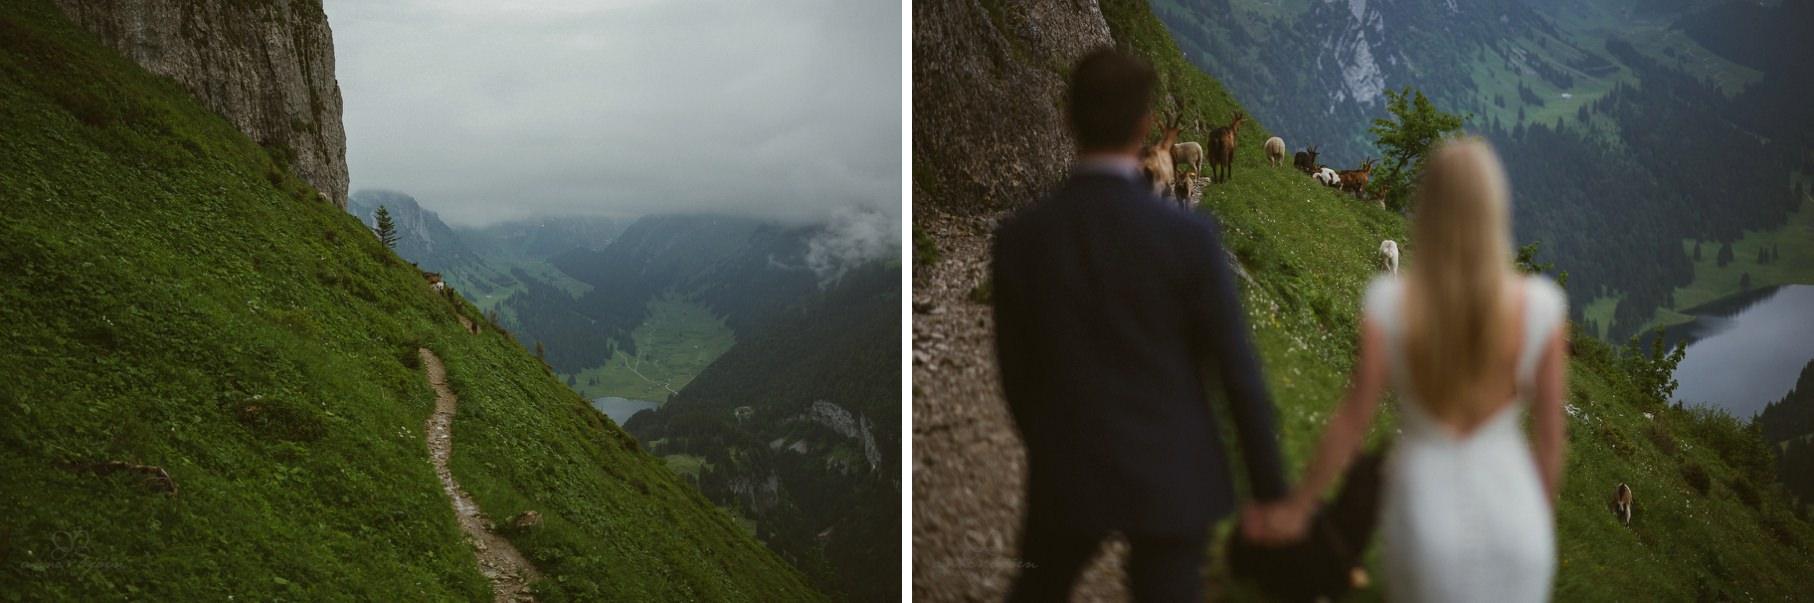 0022 anne und bjoern suc schweiz d75 3103 - After Wedding Shooting in der Schweiz - Sabrina & Christoph